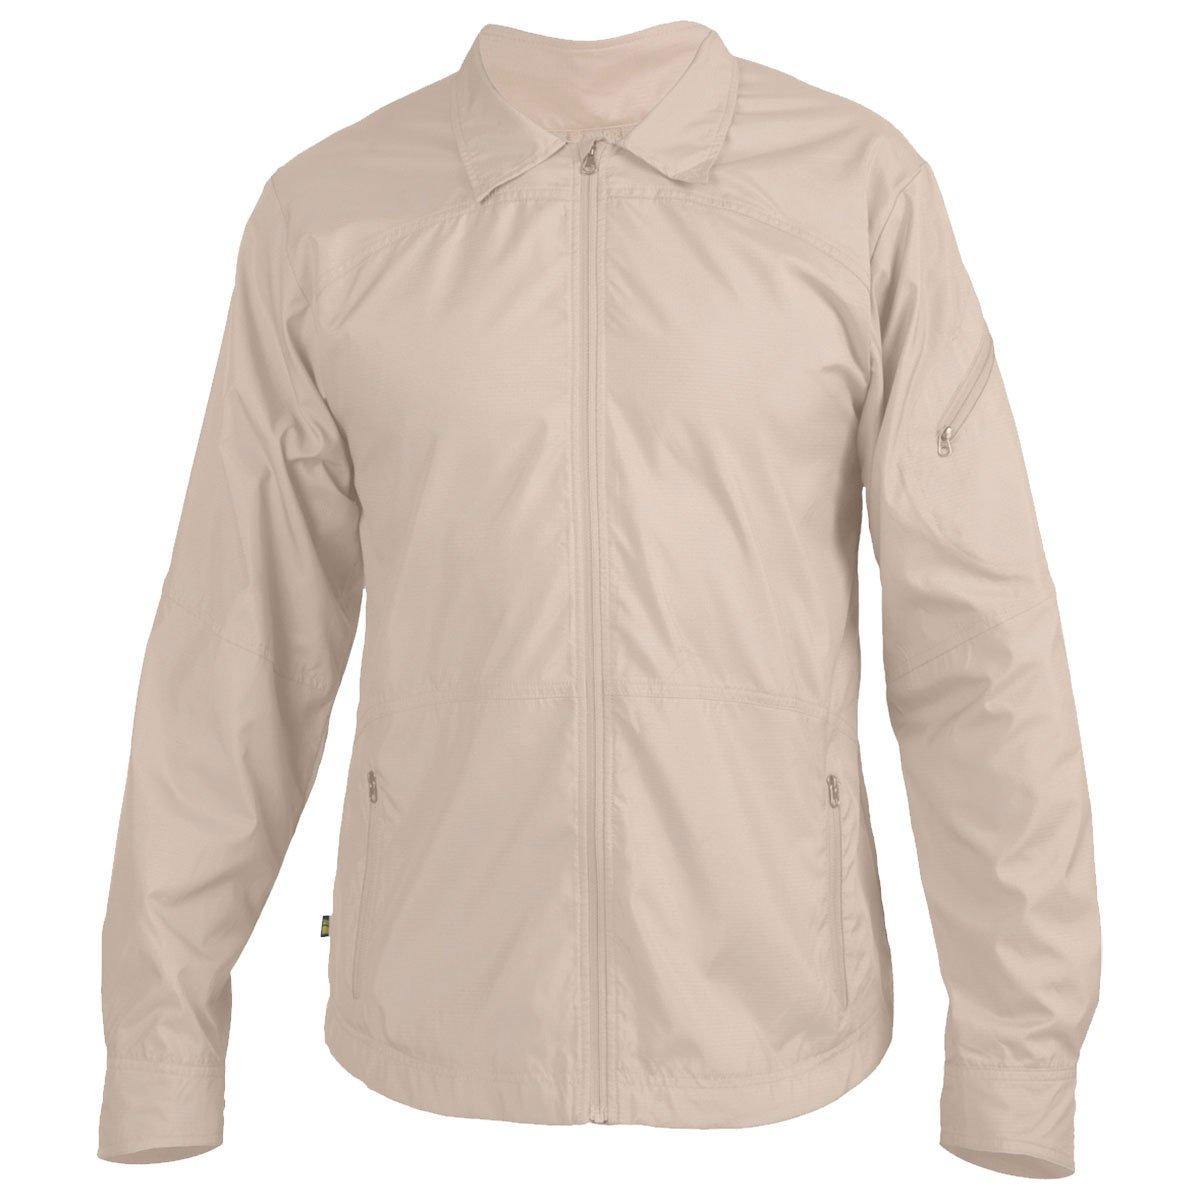 メンズ先Paddlingシャツ B00JMRA214 XL|キャンバス キャンバス XL